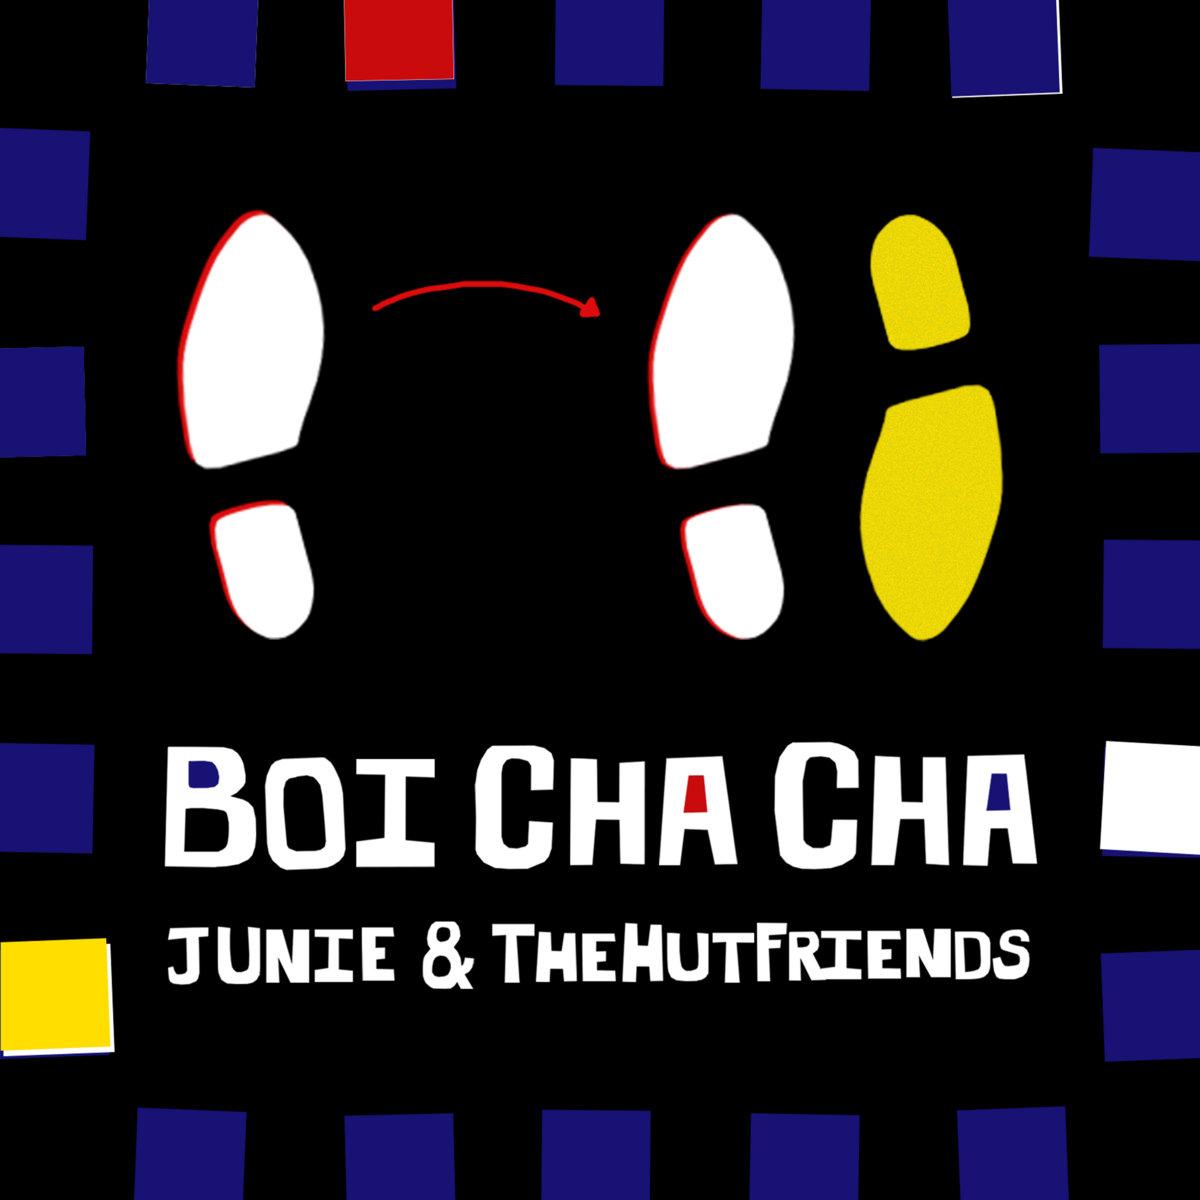 Junie & TheHutFriends – Boi Cha Cha